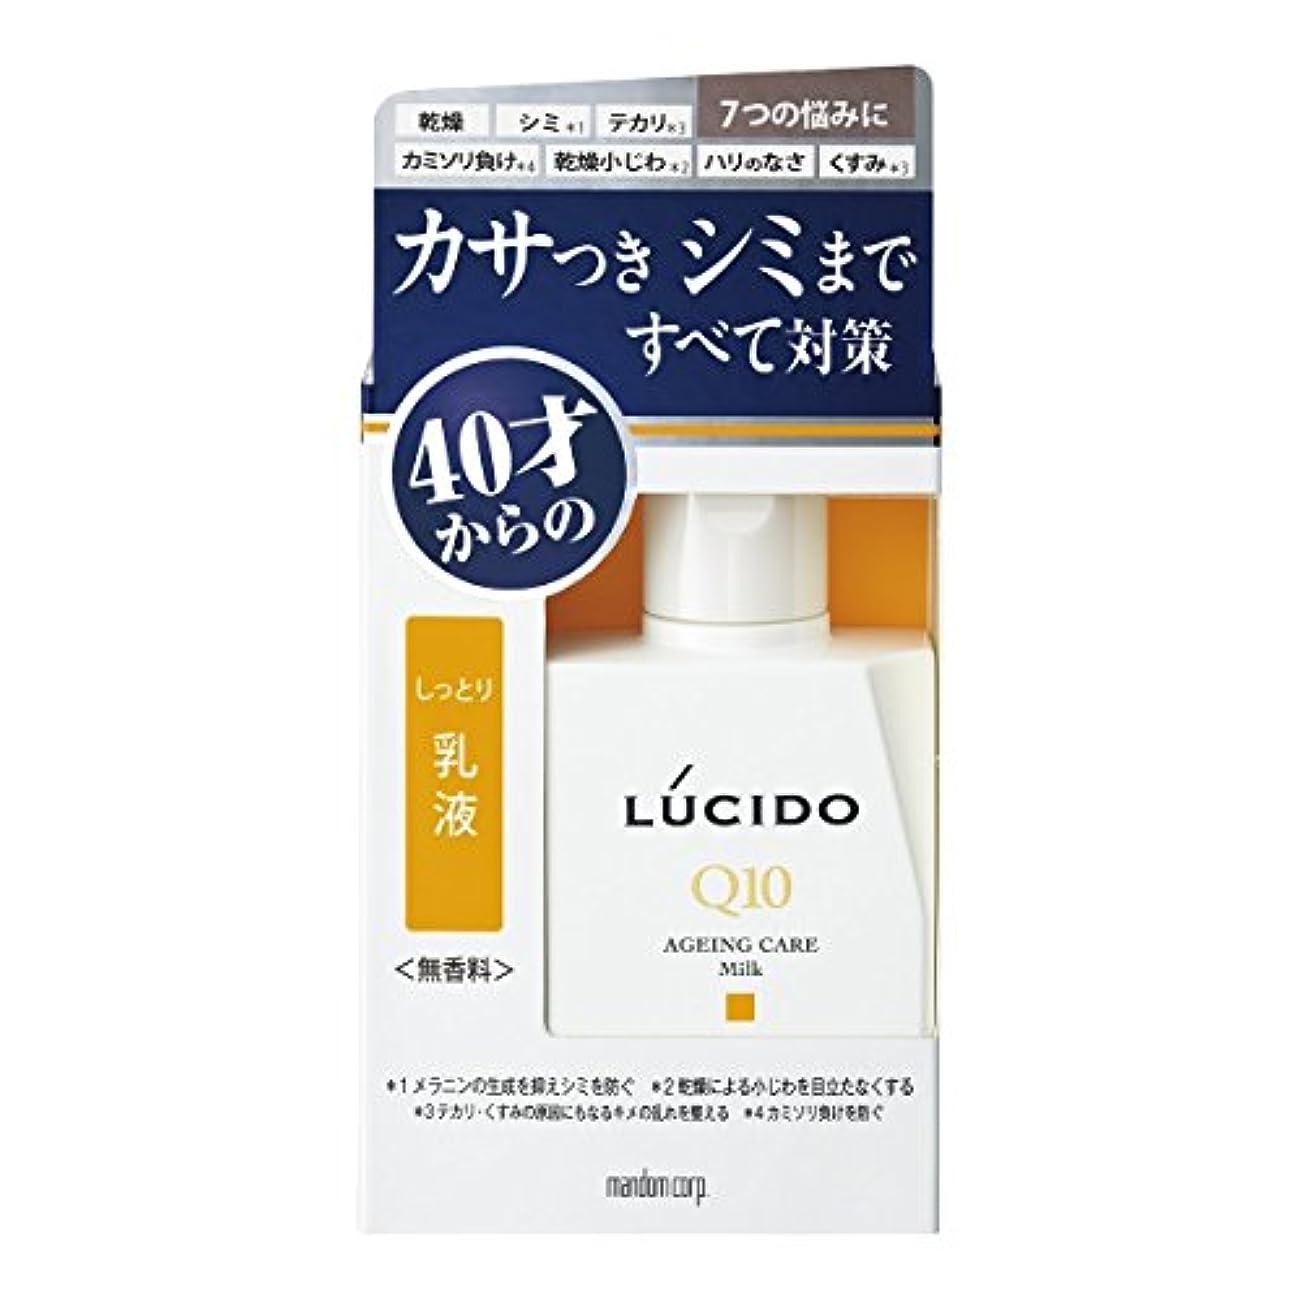 ルシード 薬用 トータルケア乳液 100mL(医薬部外品)